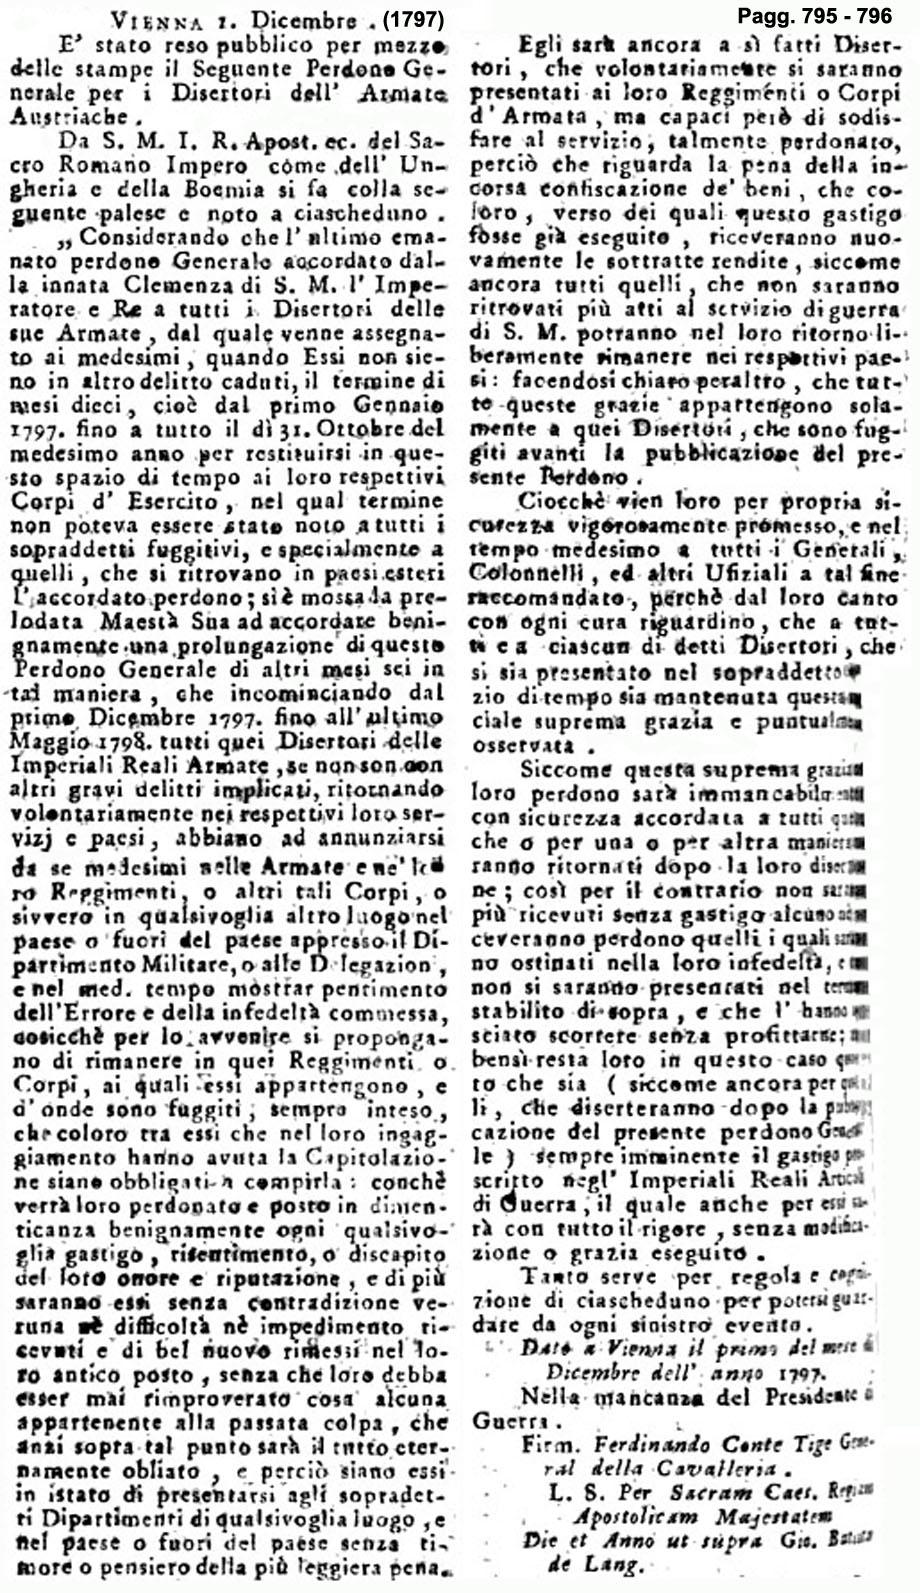 Storia di Venezia - Gazzetta Universale, n. 100 pubblicata Sabato 16 Dicembre 1797